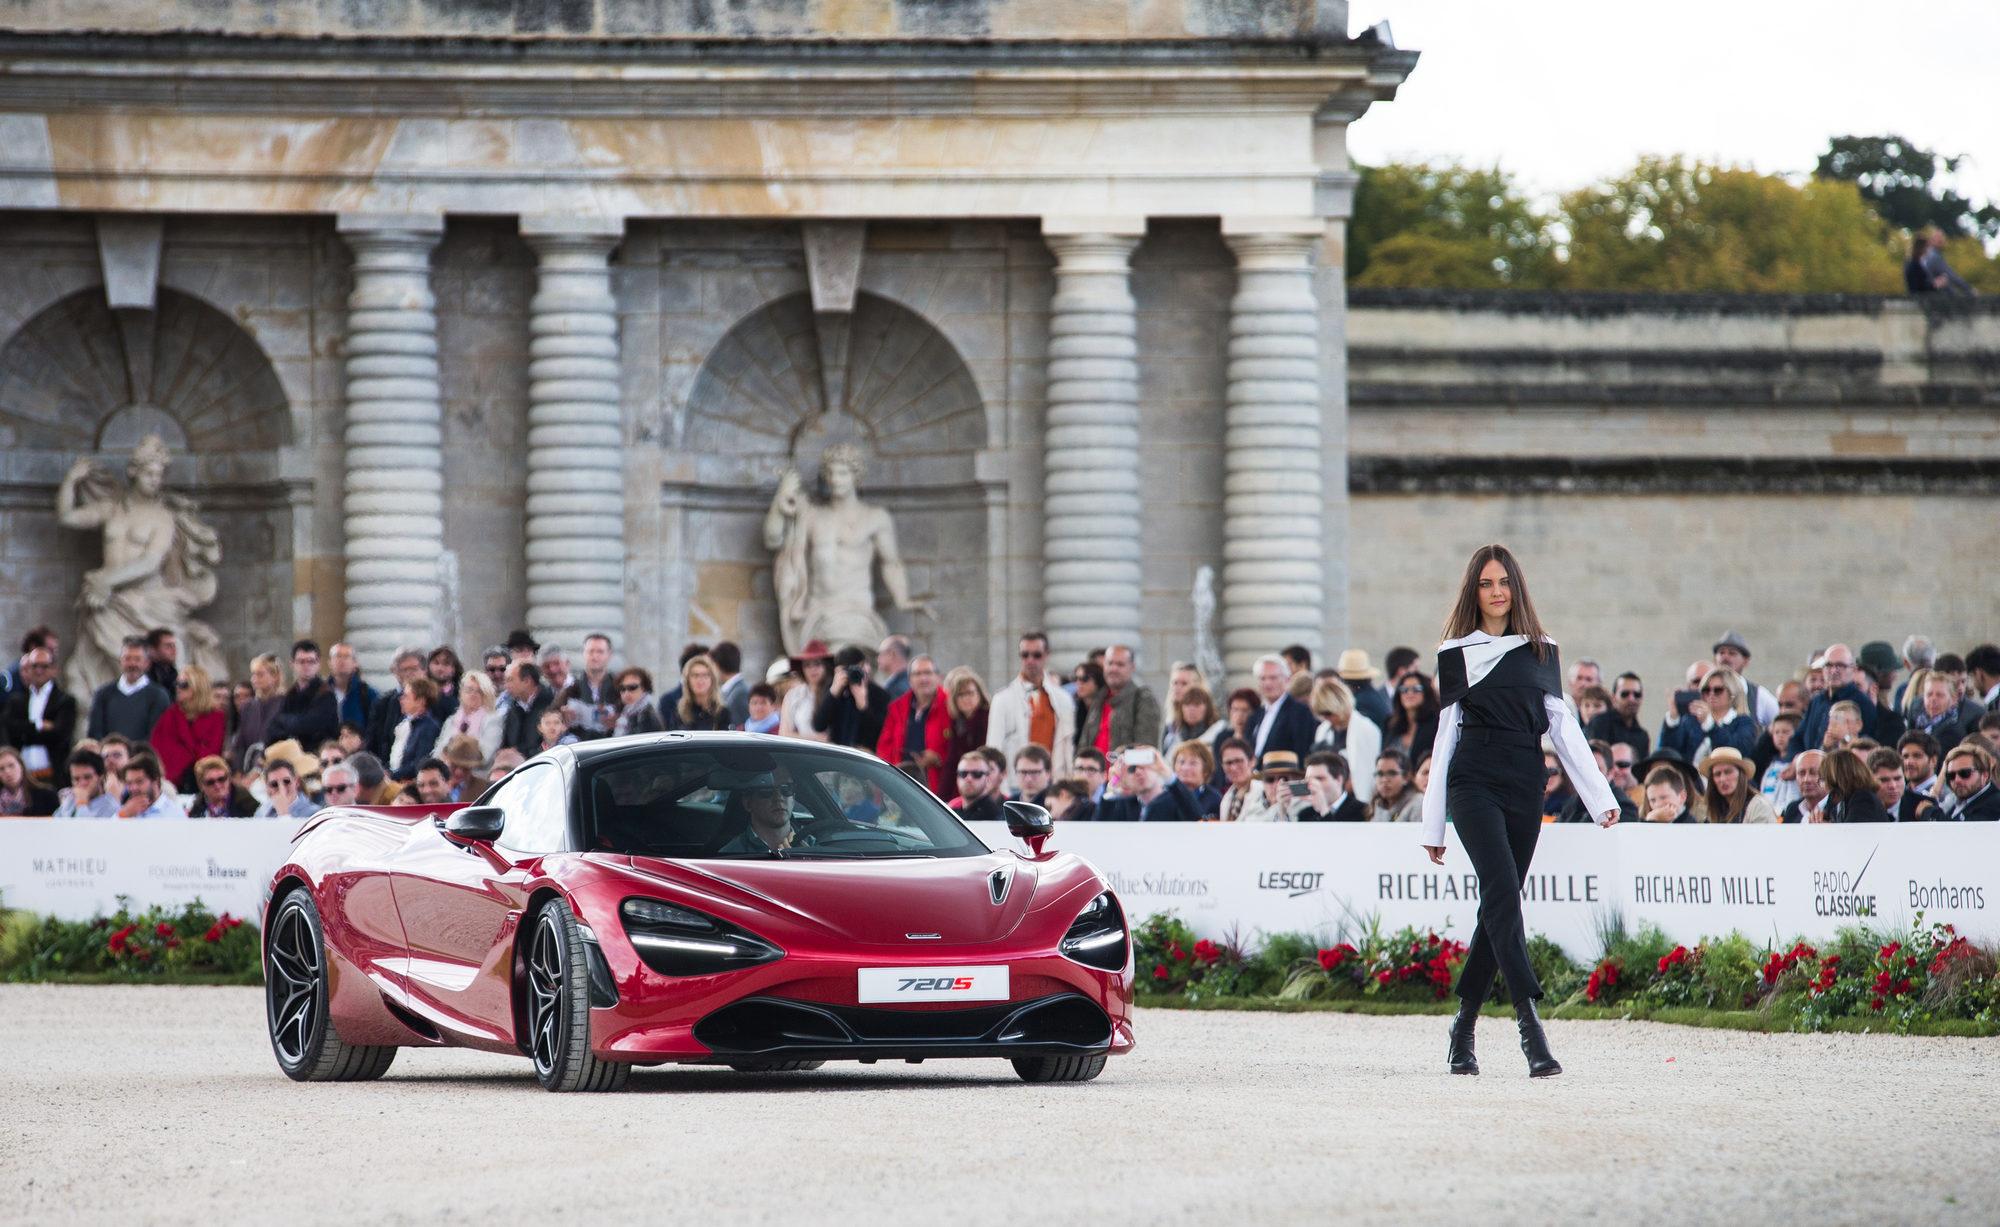 Chantilly Arts et Elégance Richard Mille 2017 | Richard Mille